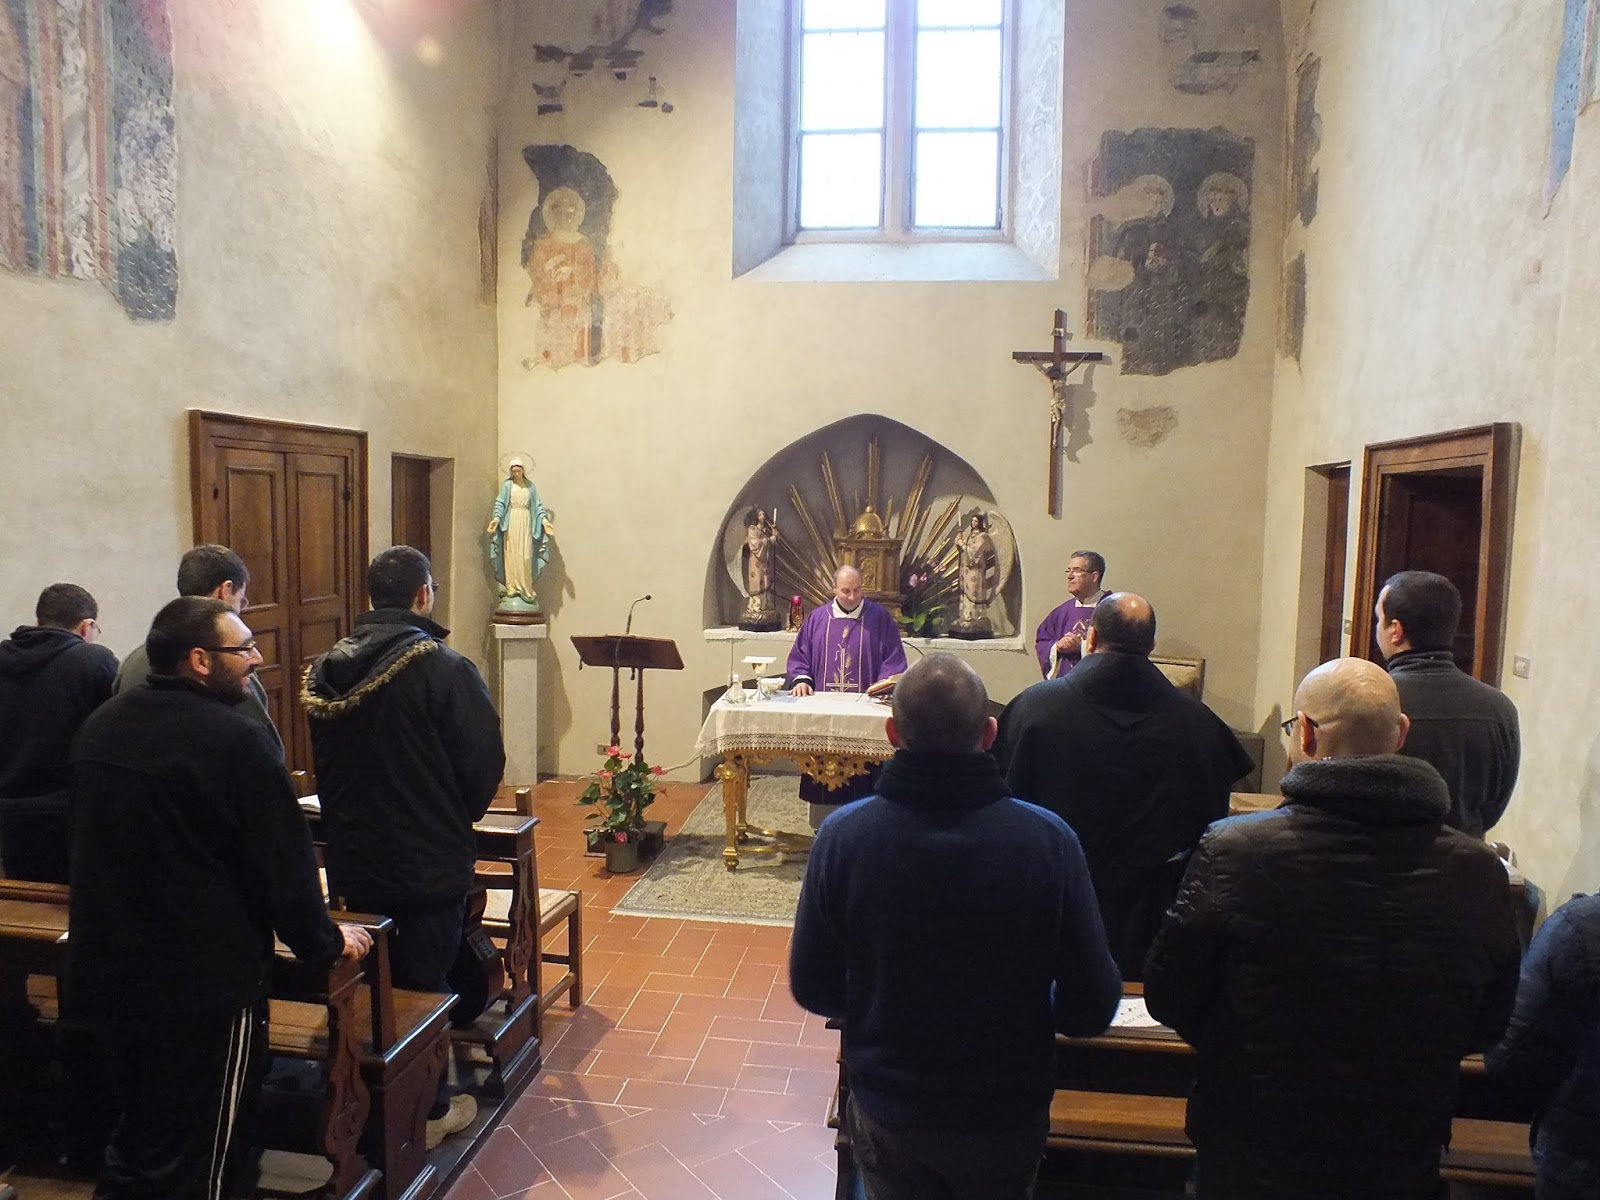 Frati in Cammino - Assisi: FINALMENTE...FRATI IN CAMMINO!